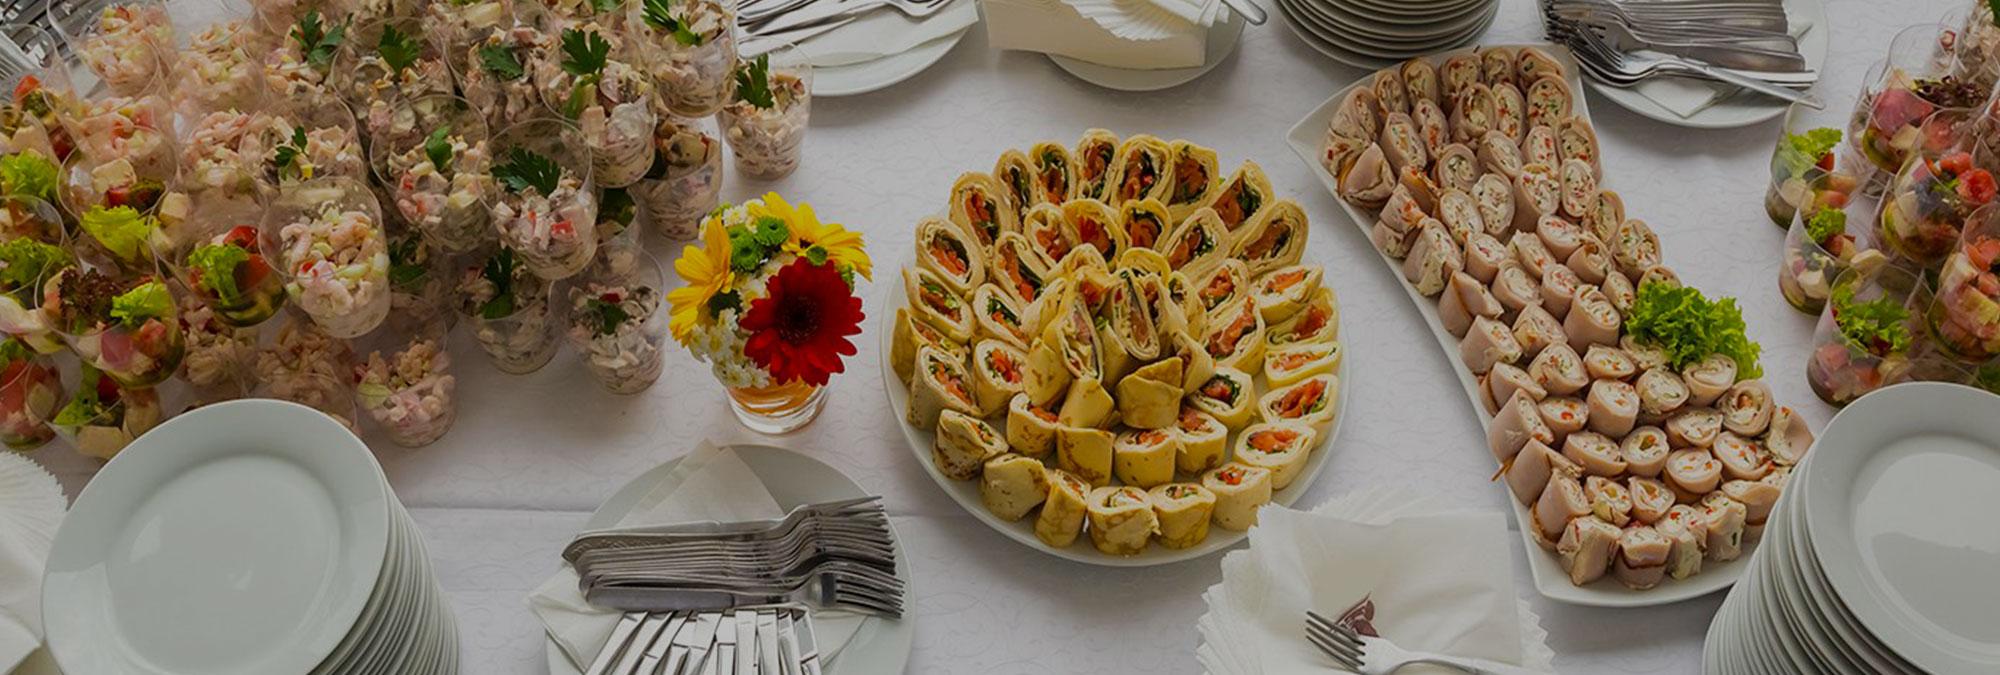 Servizio Catering <br>per eventi e cerimonie